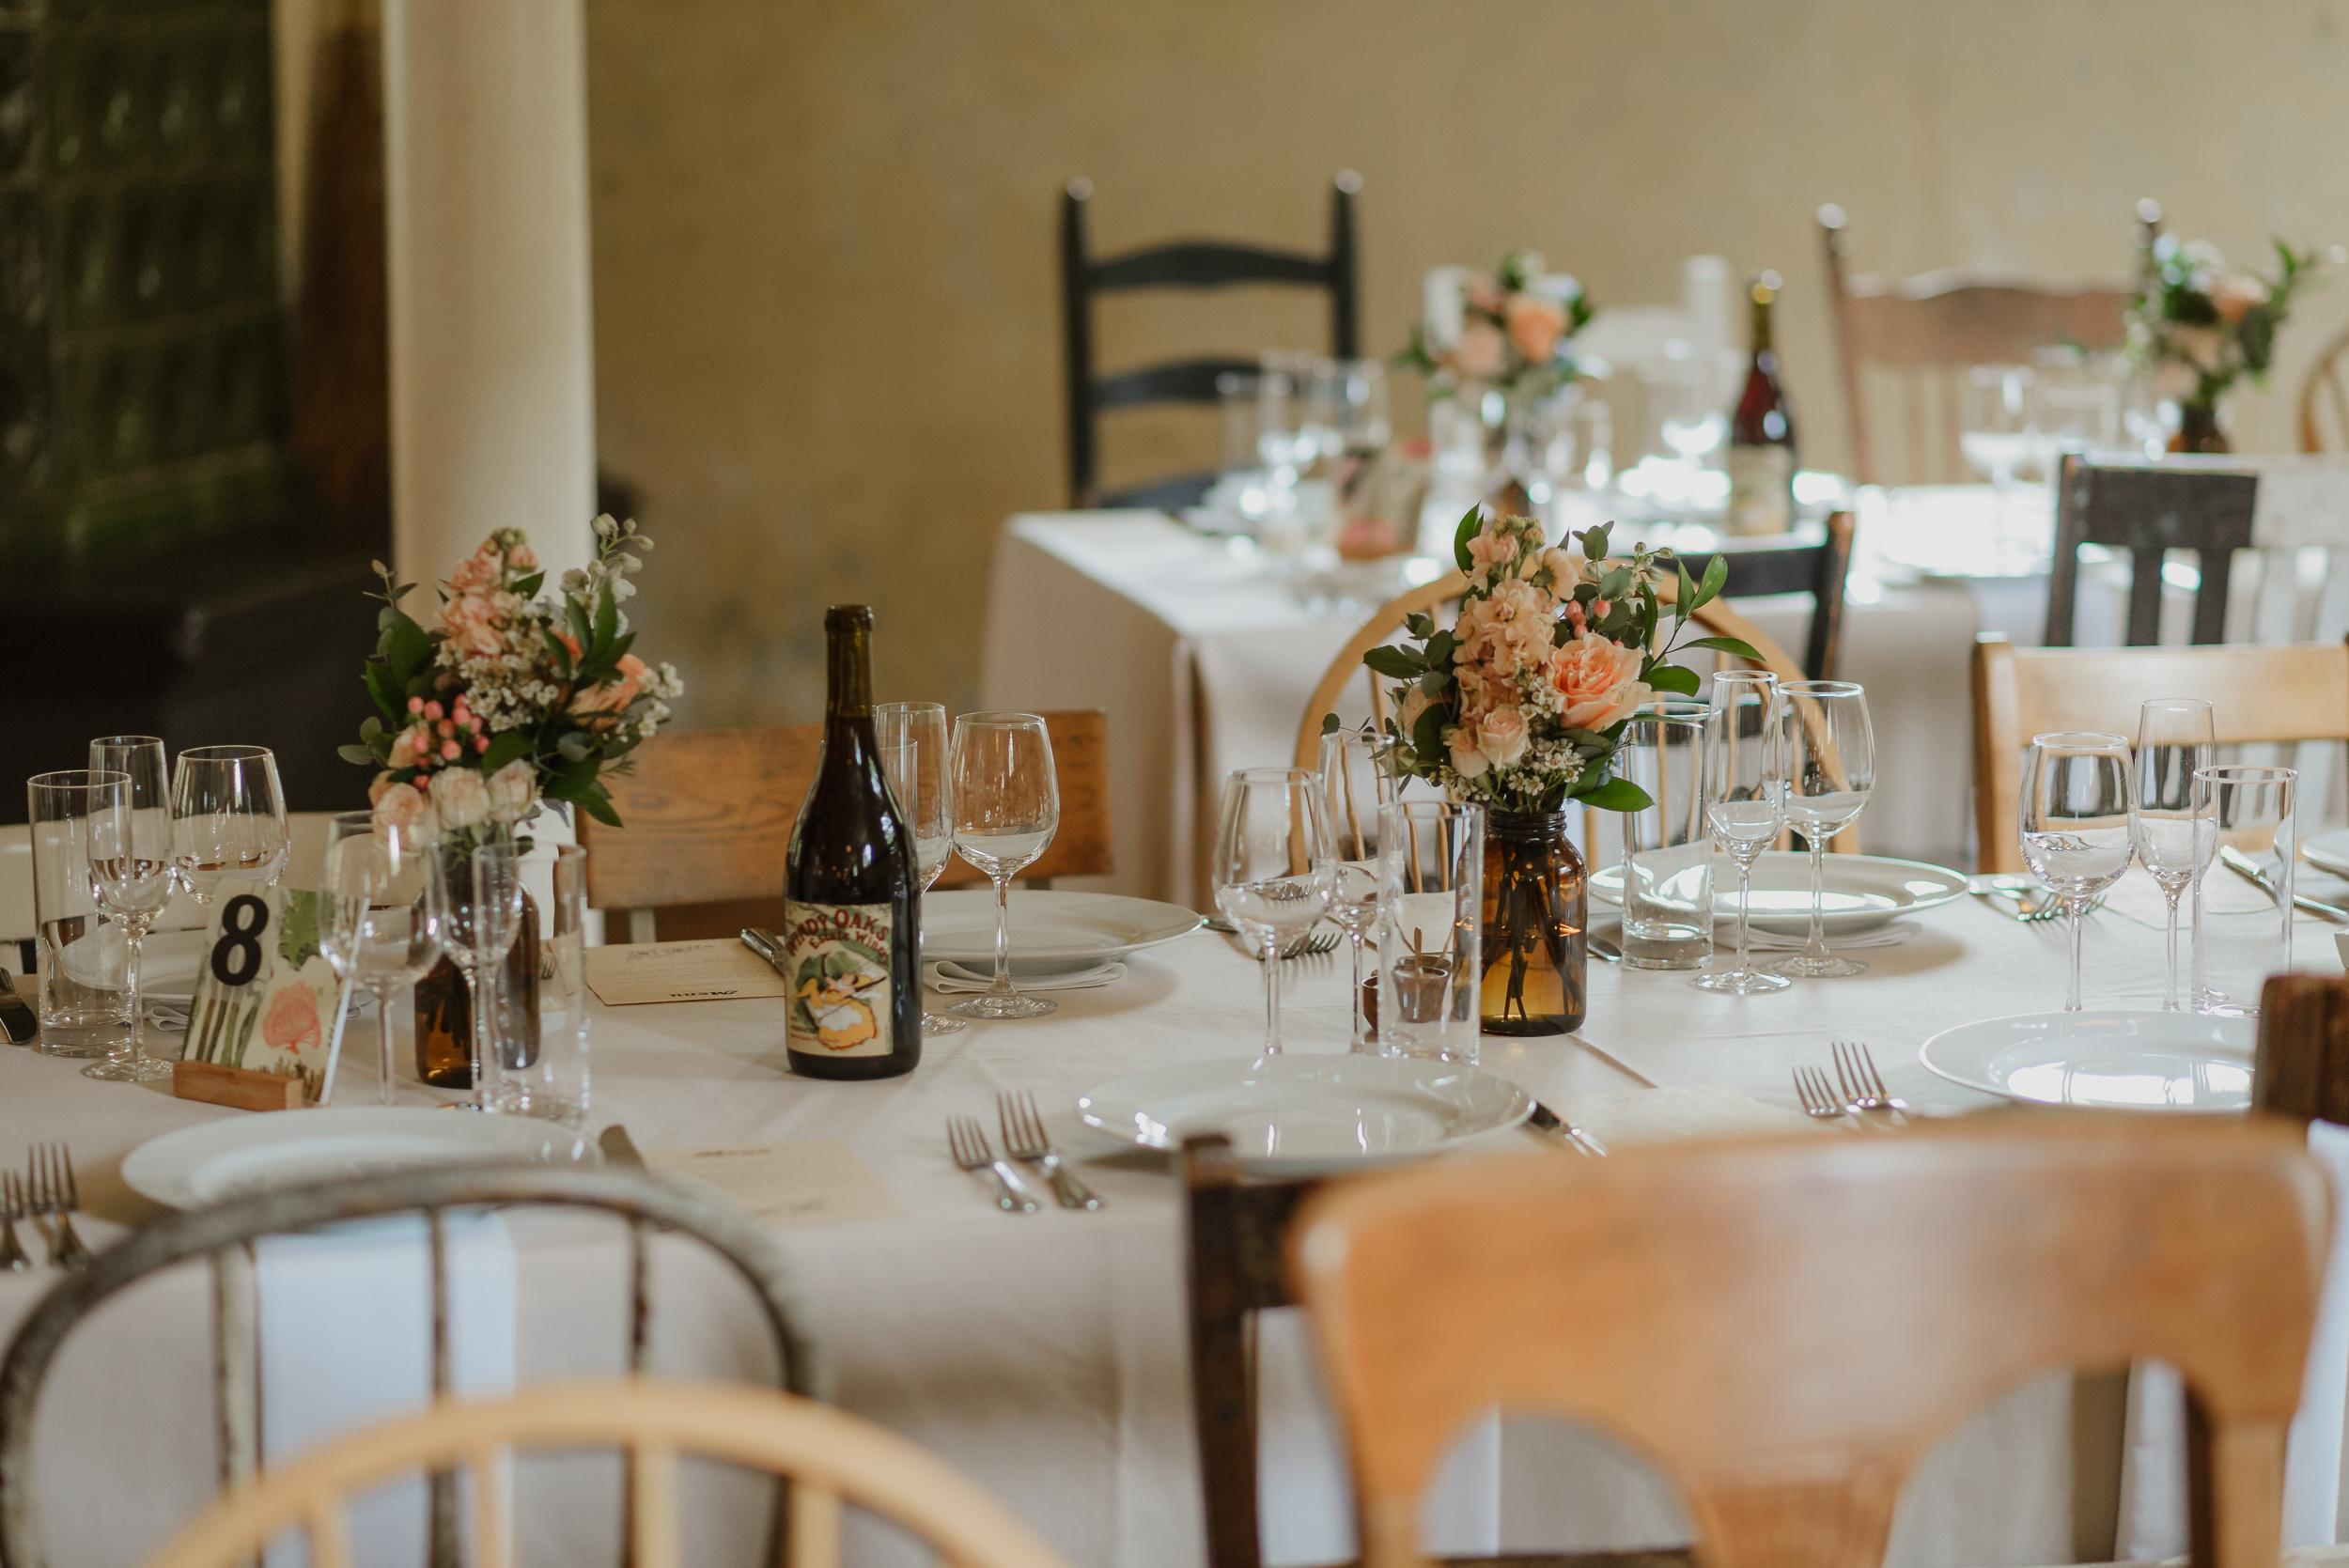 082-san-francisco-headlands-center-for-the-arts-wedding-vivianchen-051.jpg